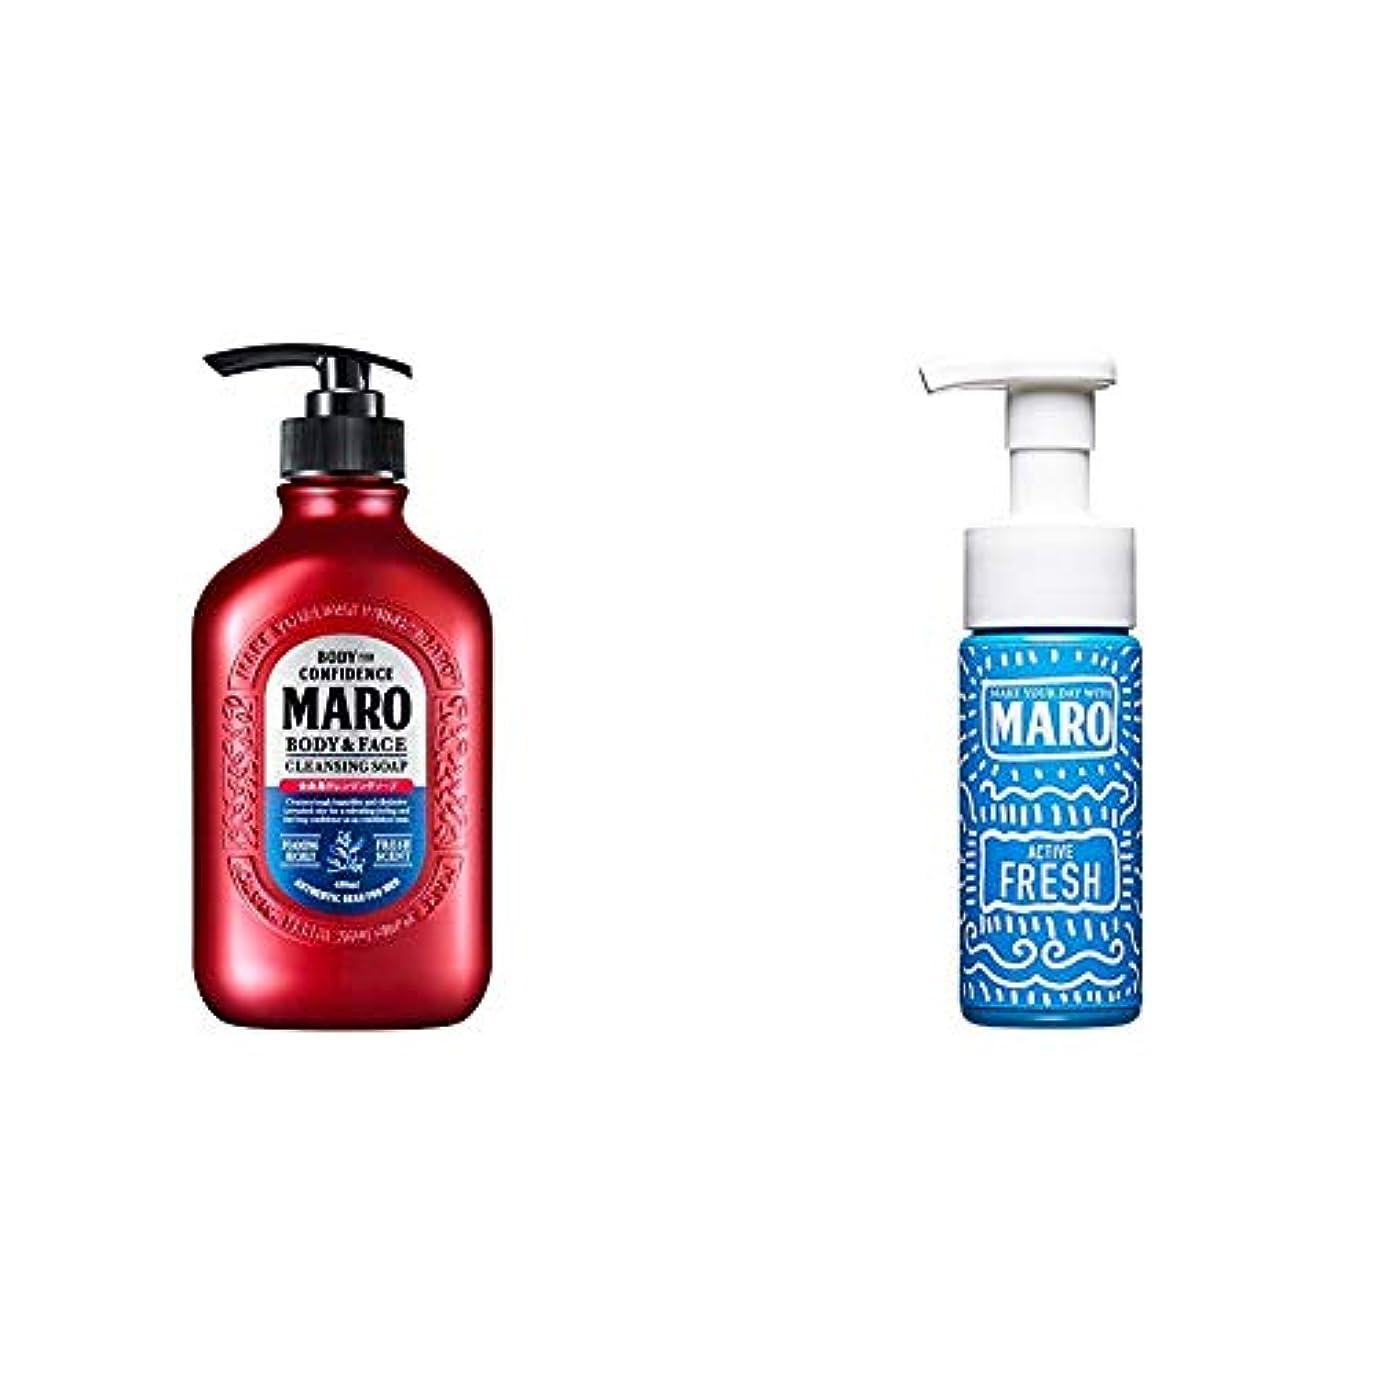 更新するアンケート代数的MARO 全身用 ボディソープ 450ml & グルーヴィー 泡洗顔 アクティブフレッシュ 150ml